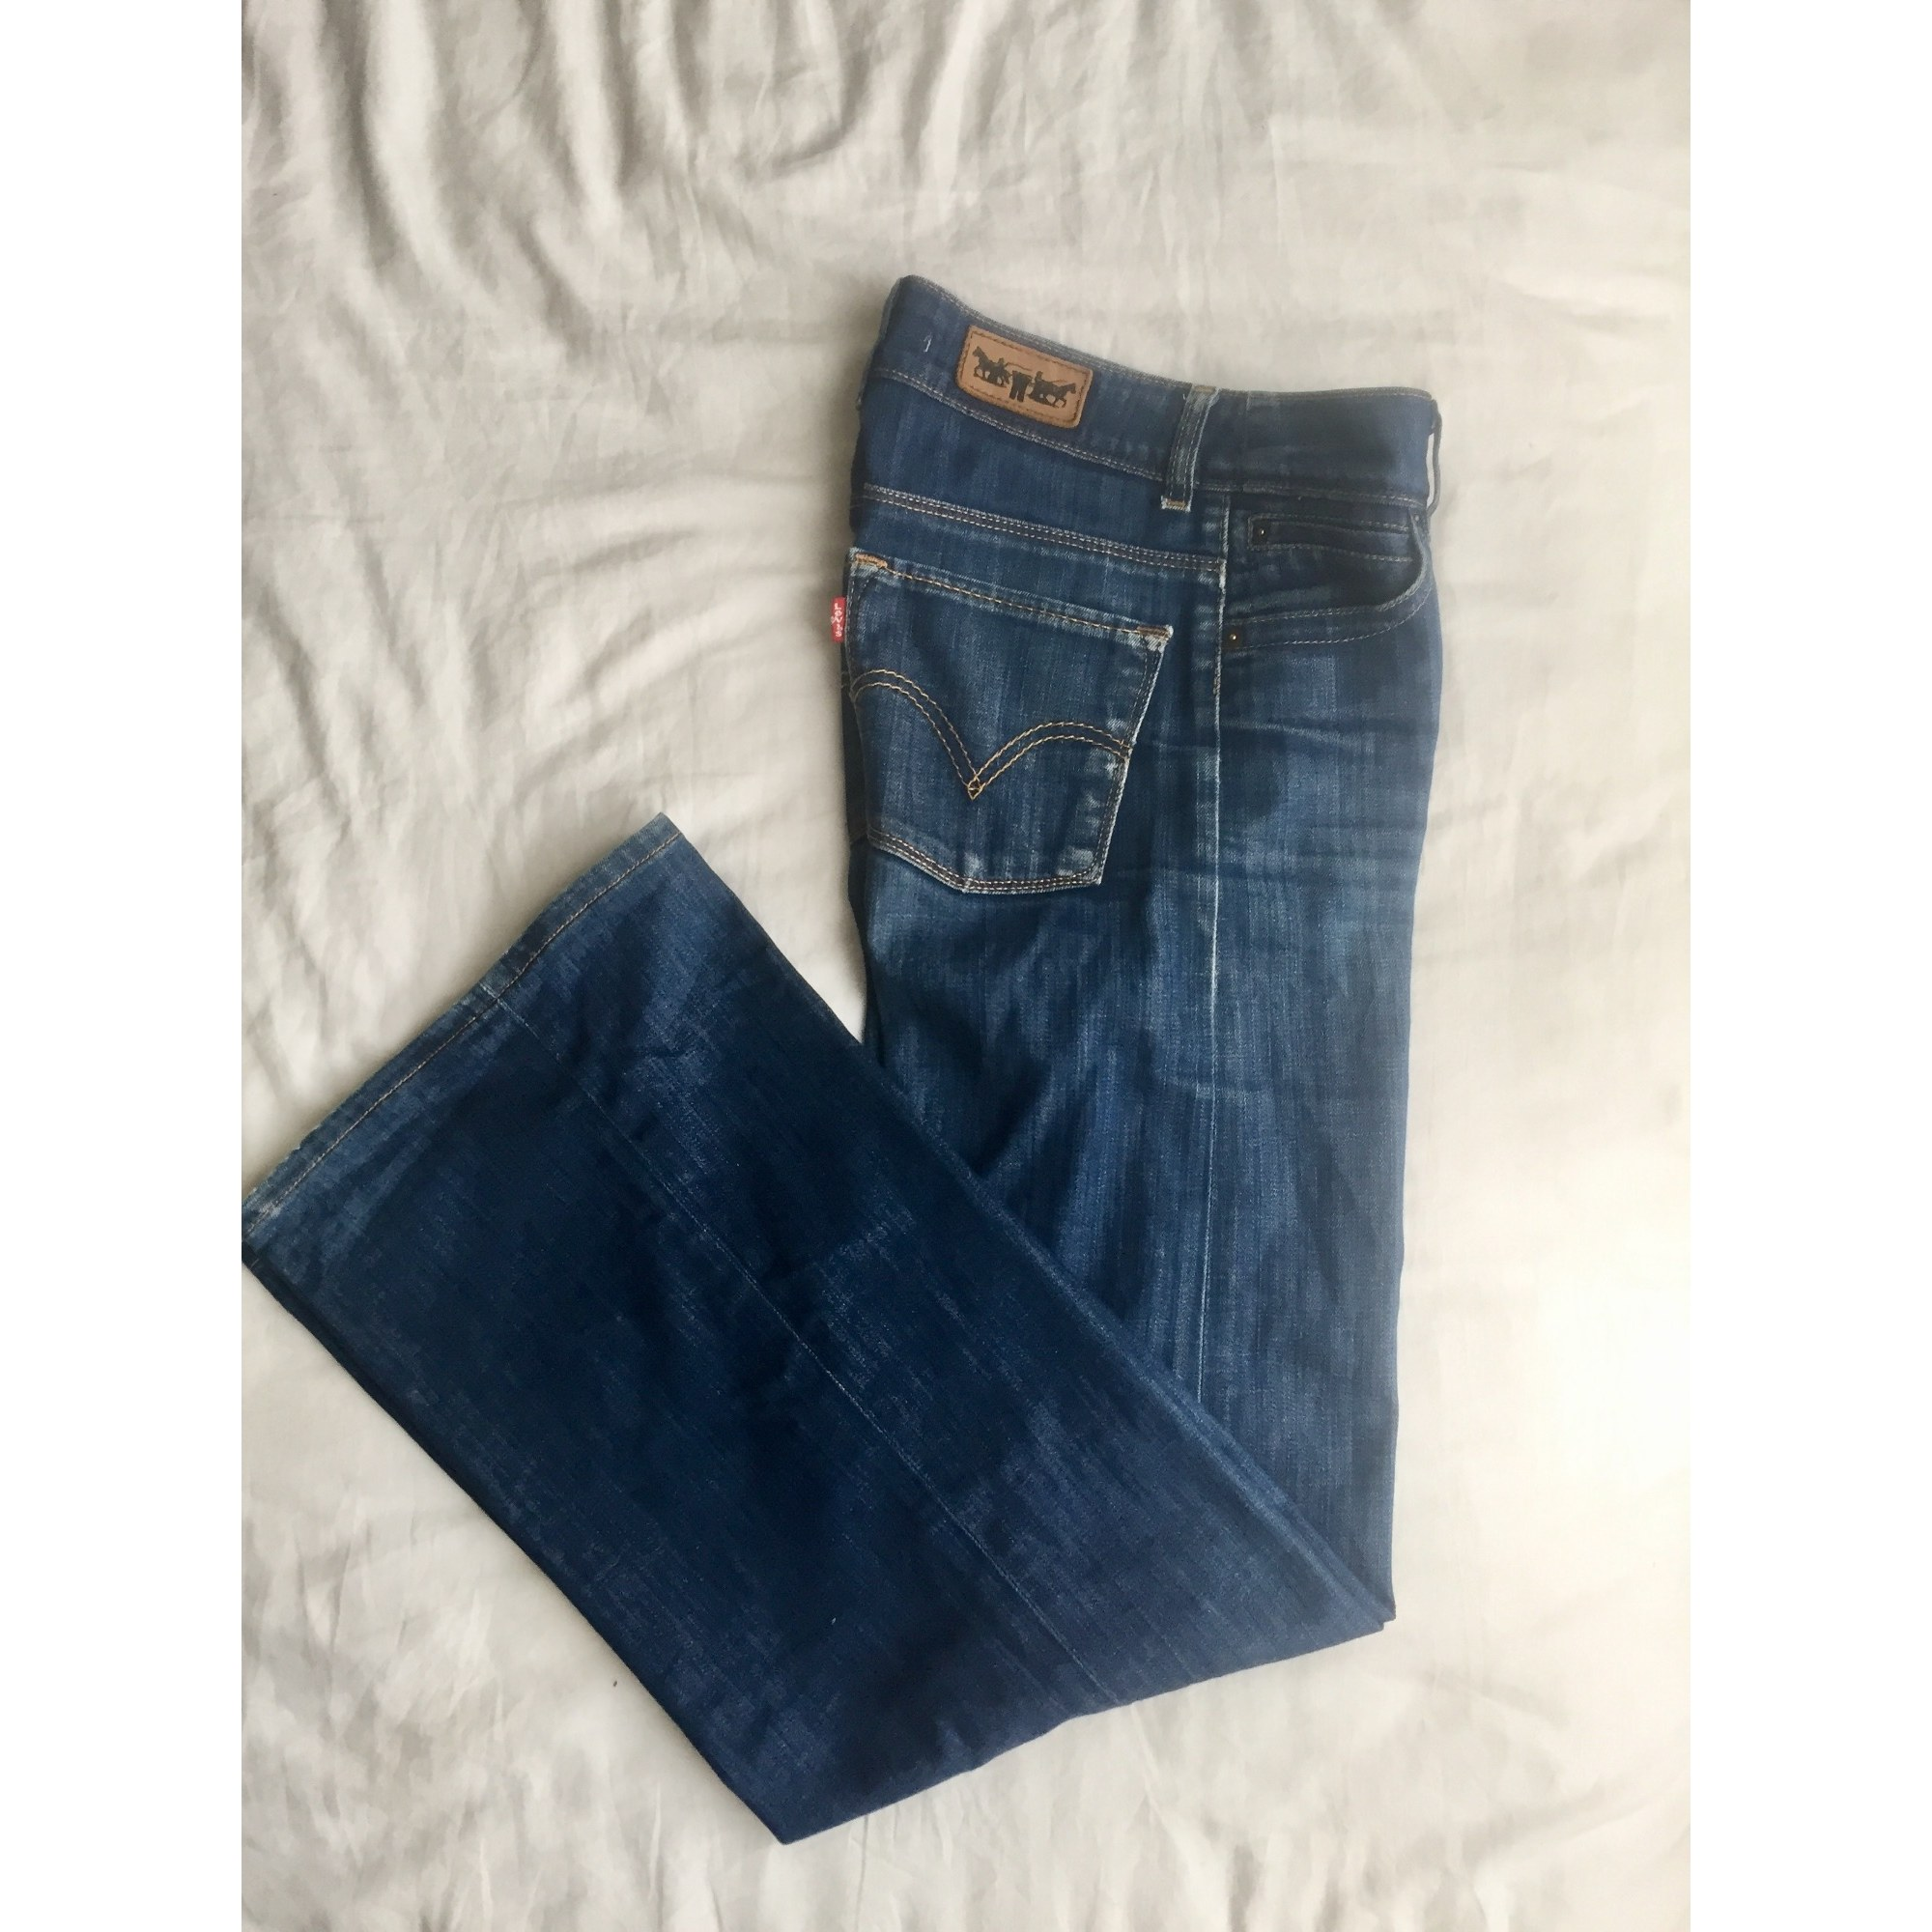 Pantalon très evasé, patte d'éléphant LEVI'S Bleu, bleu marine, bleu turquoise